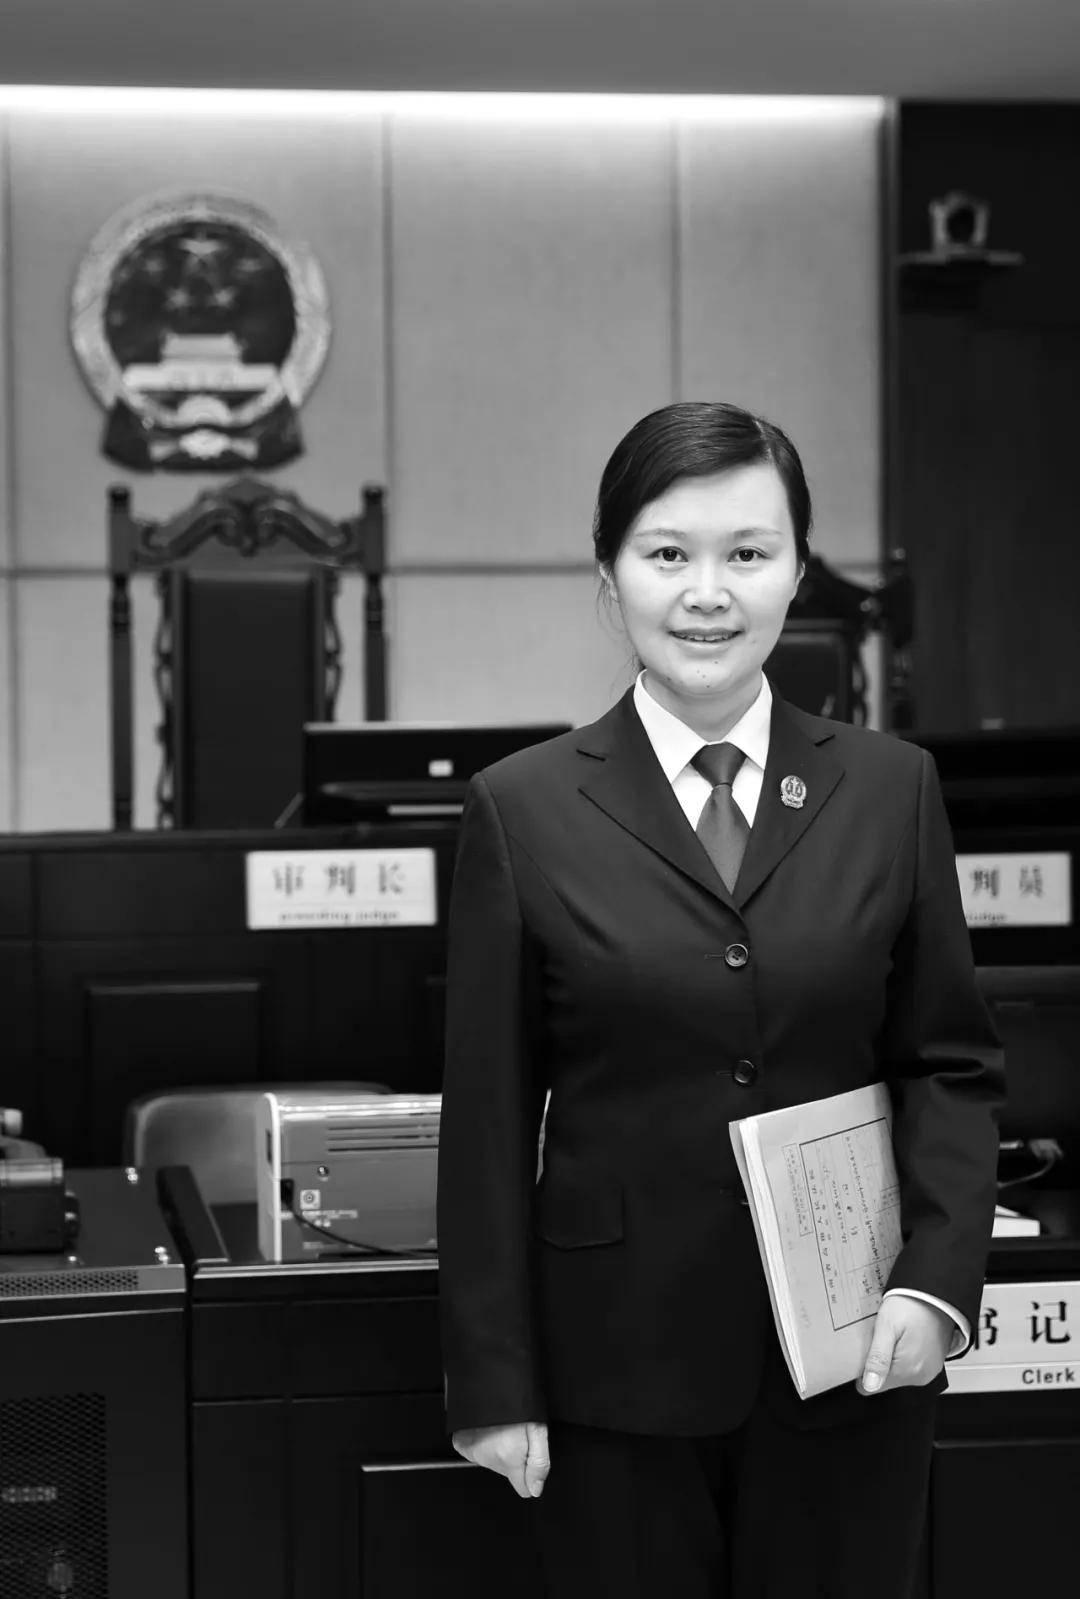 湖南高院通报周春梅法官不徇私情、拒绝人情干扰 惨遭报复杀害的情况